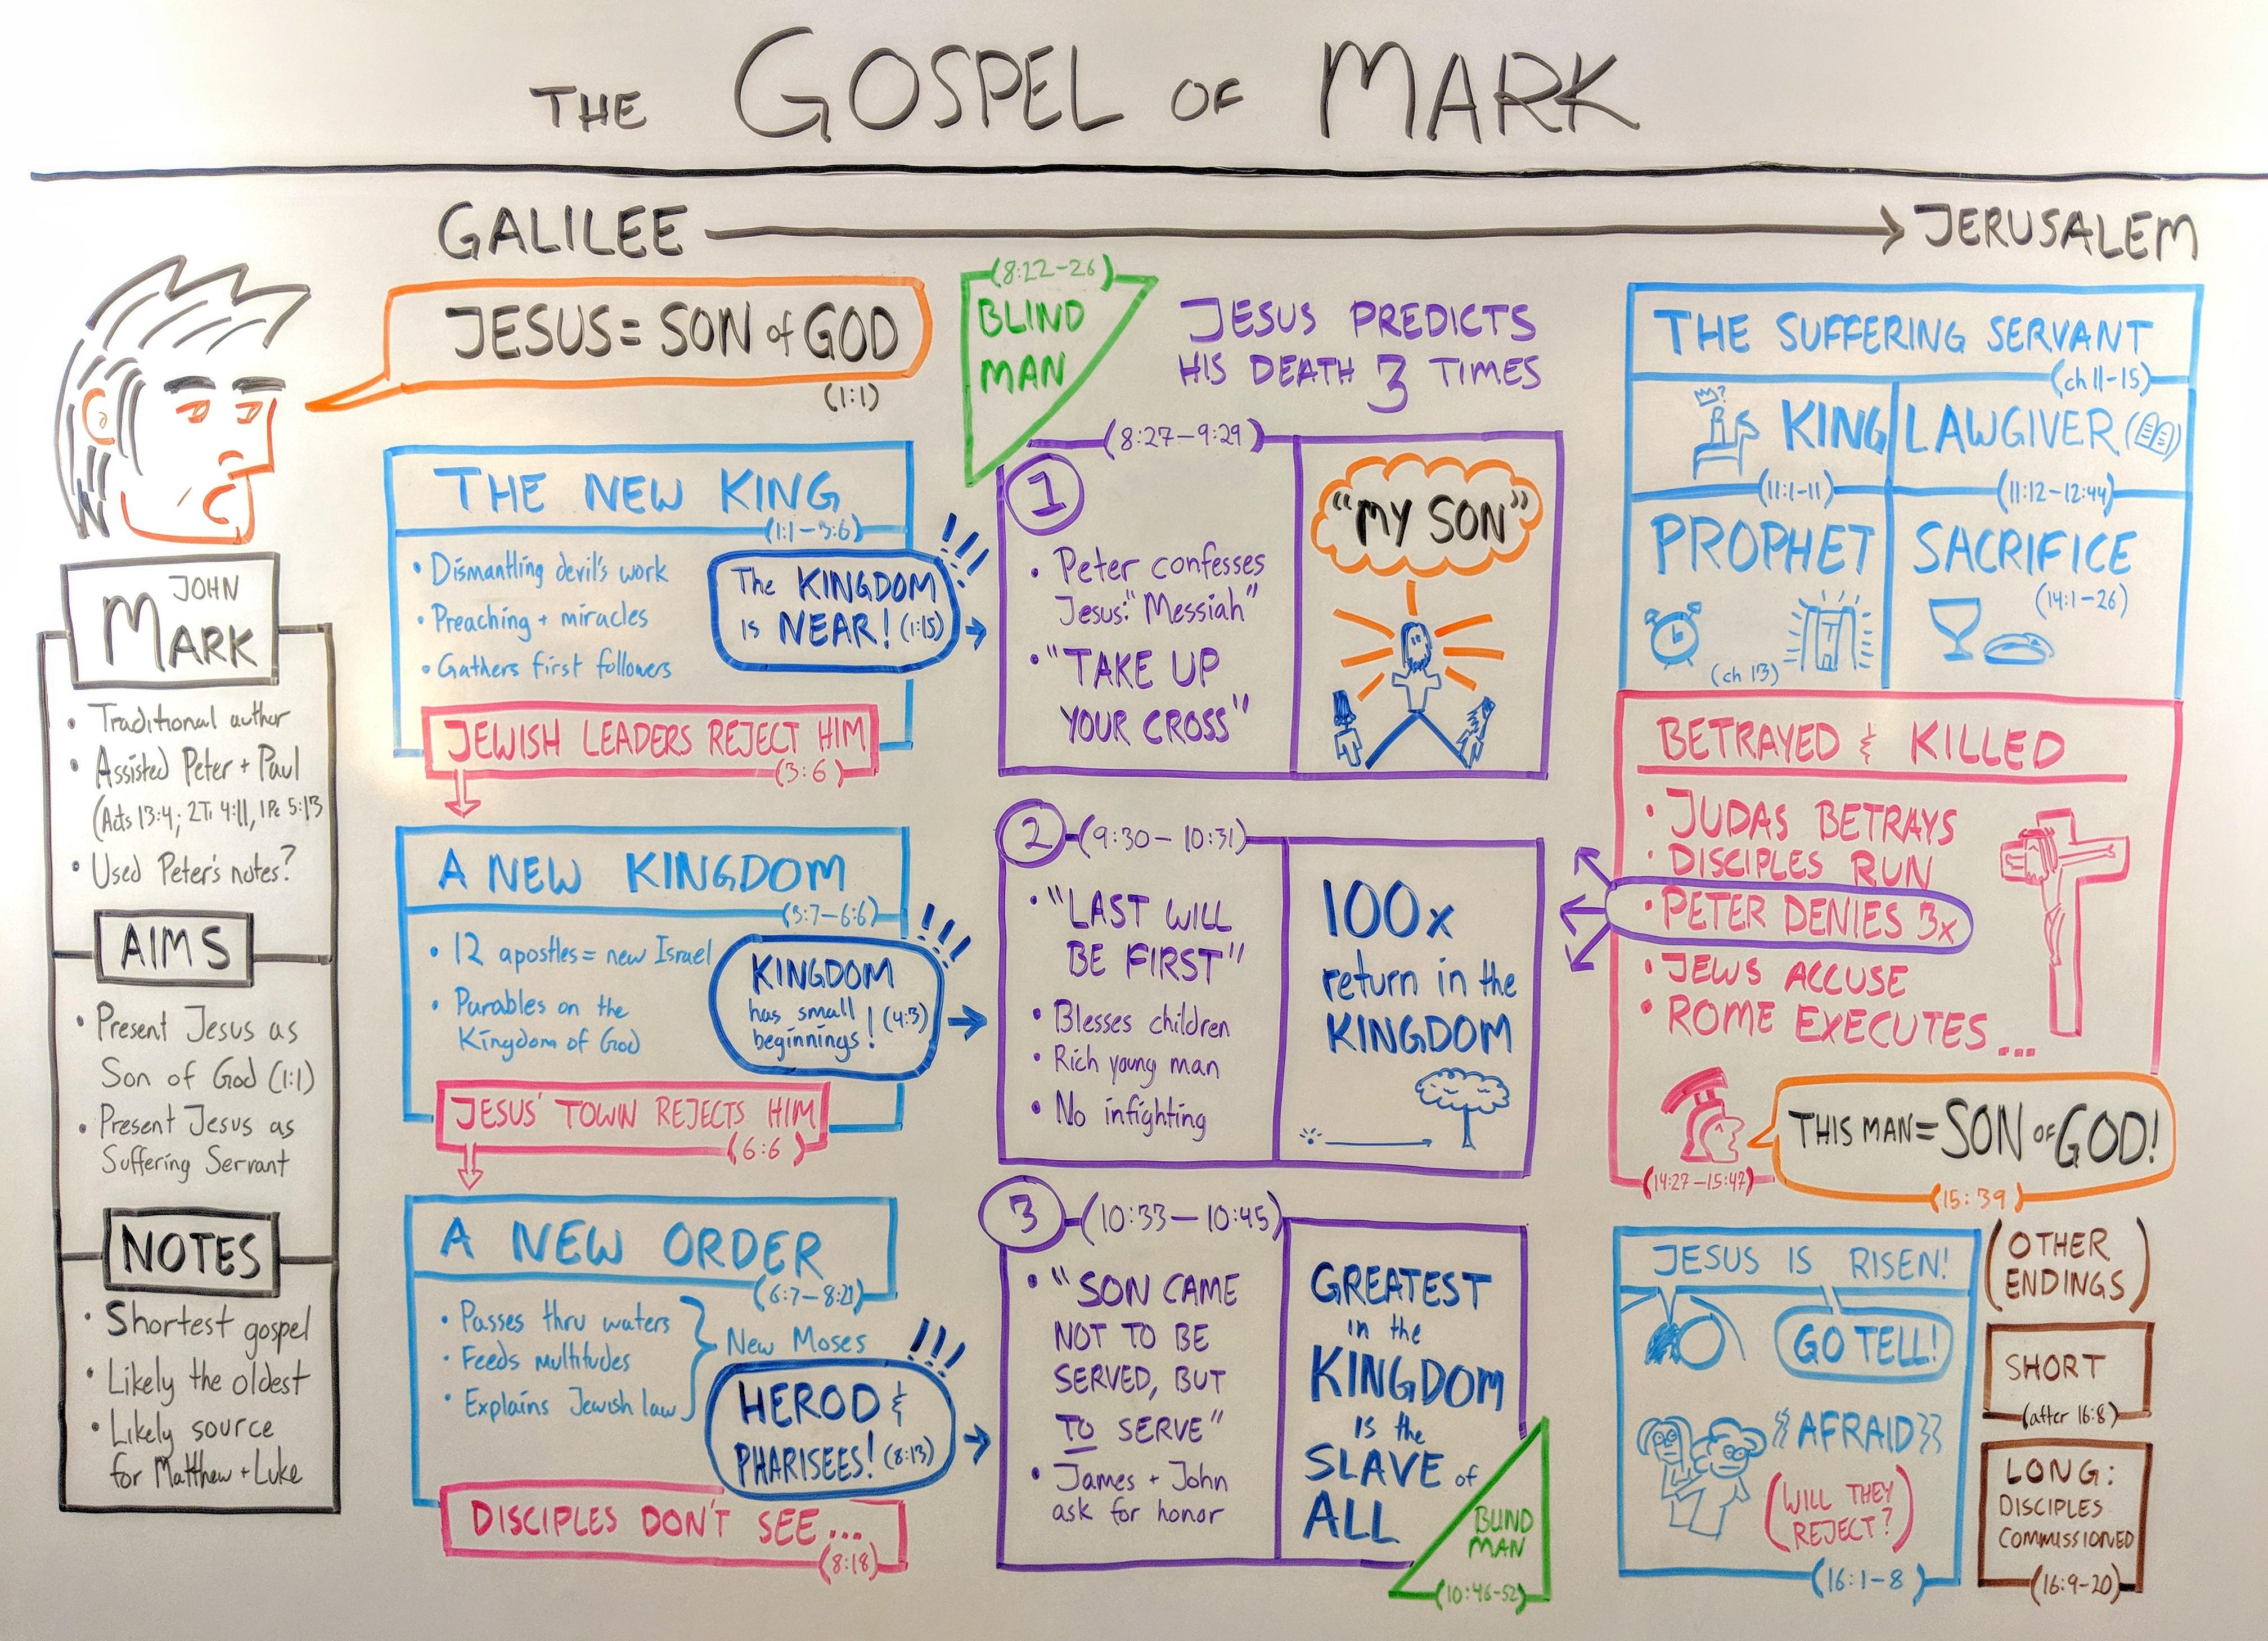 gospel-of-mark-outline